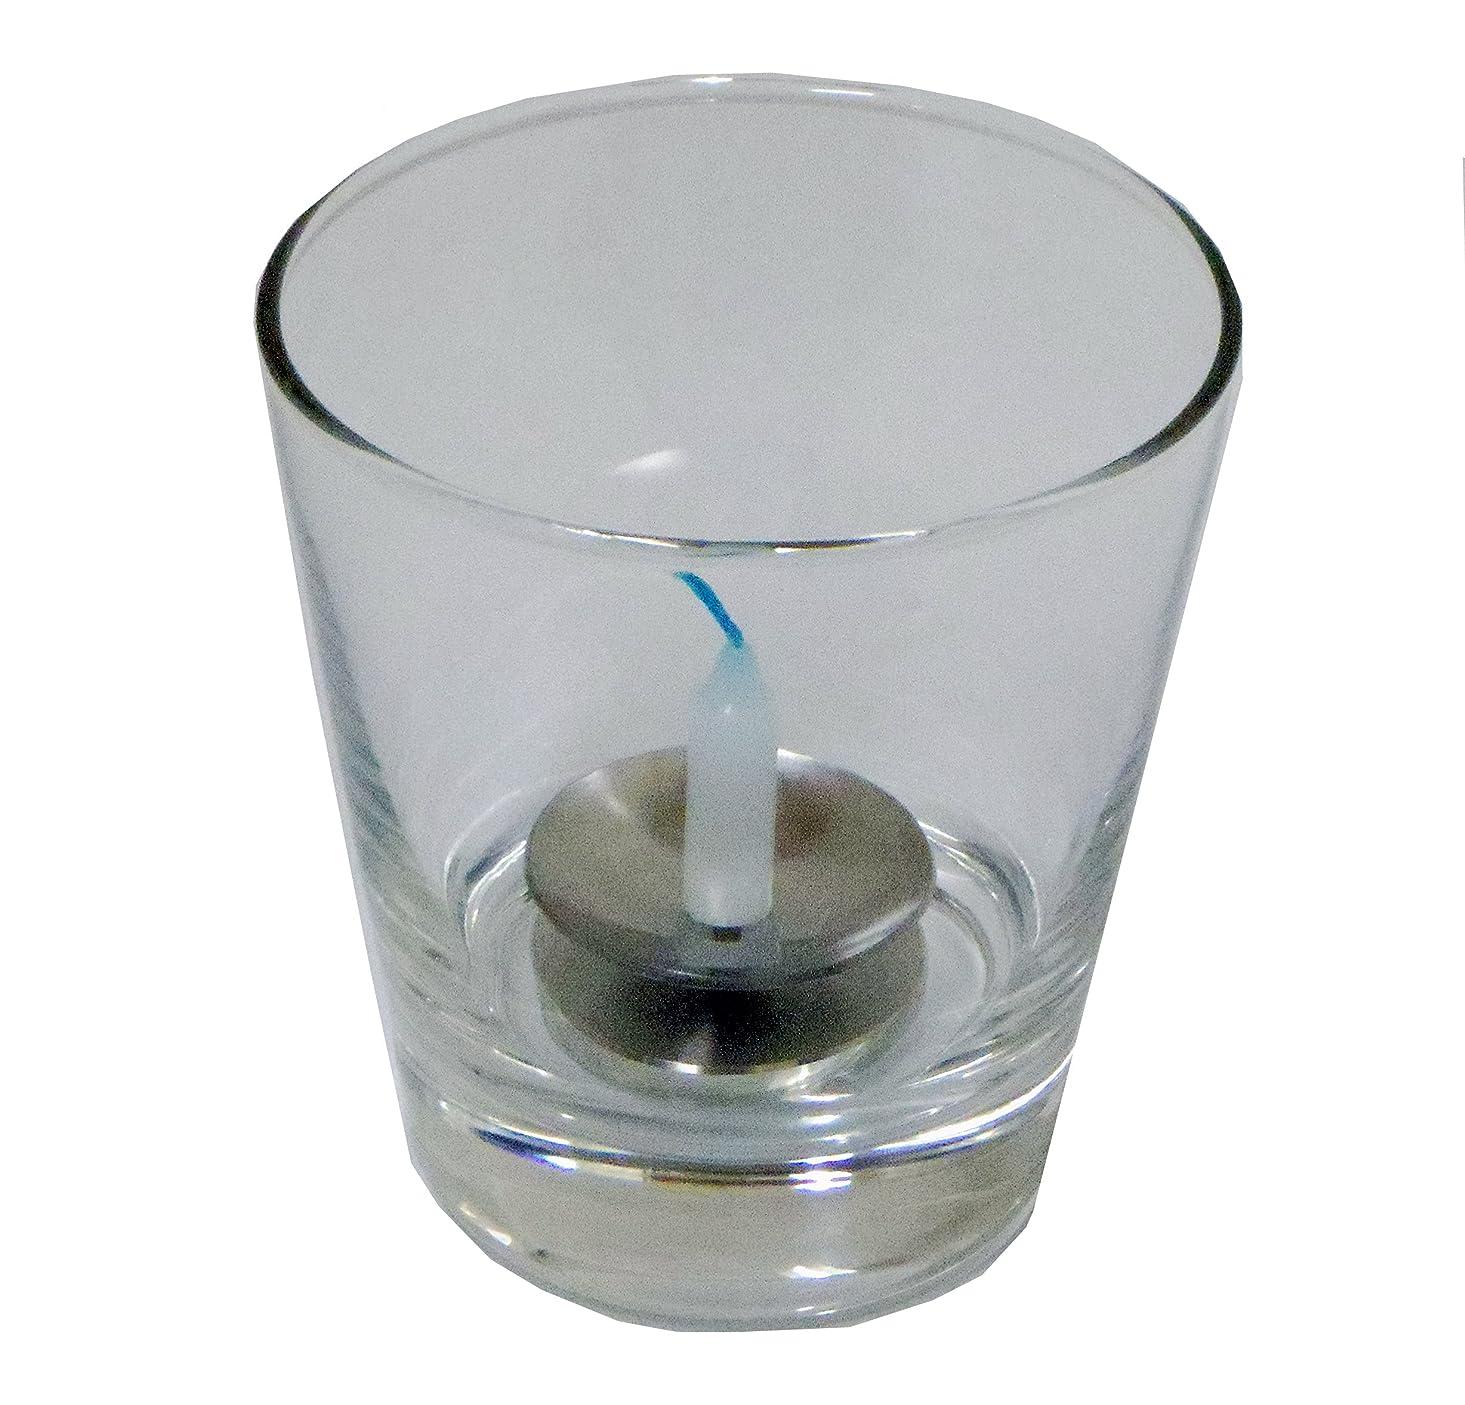 報復ピボット妥協キャンドルスタンド 東海製蝋のろうそく 究極の安全燭台【やすらぎ】